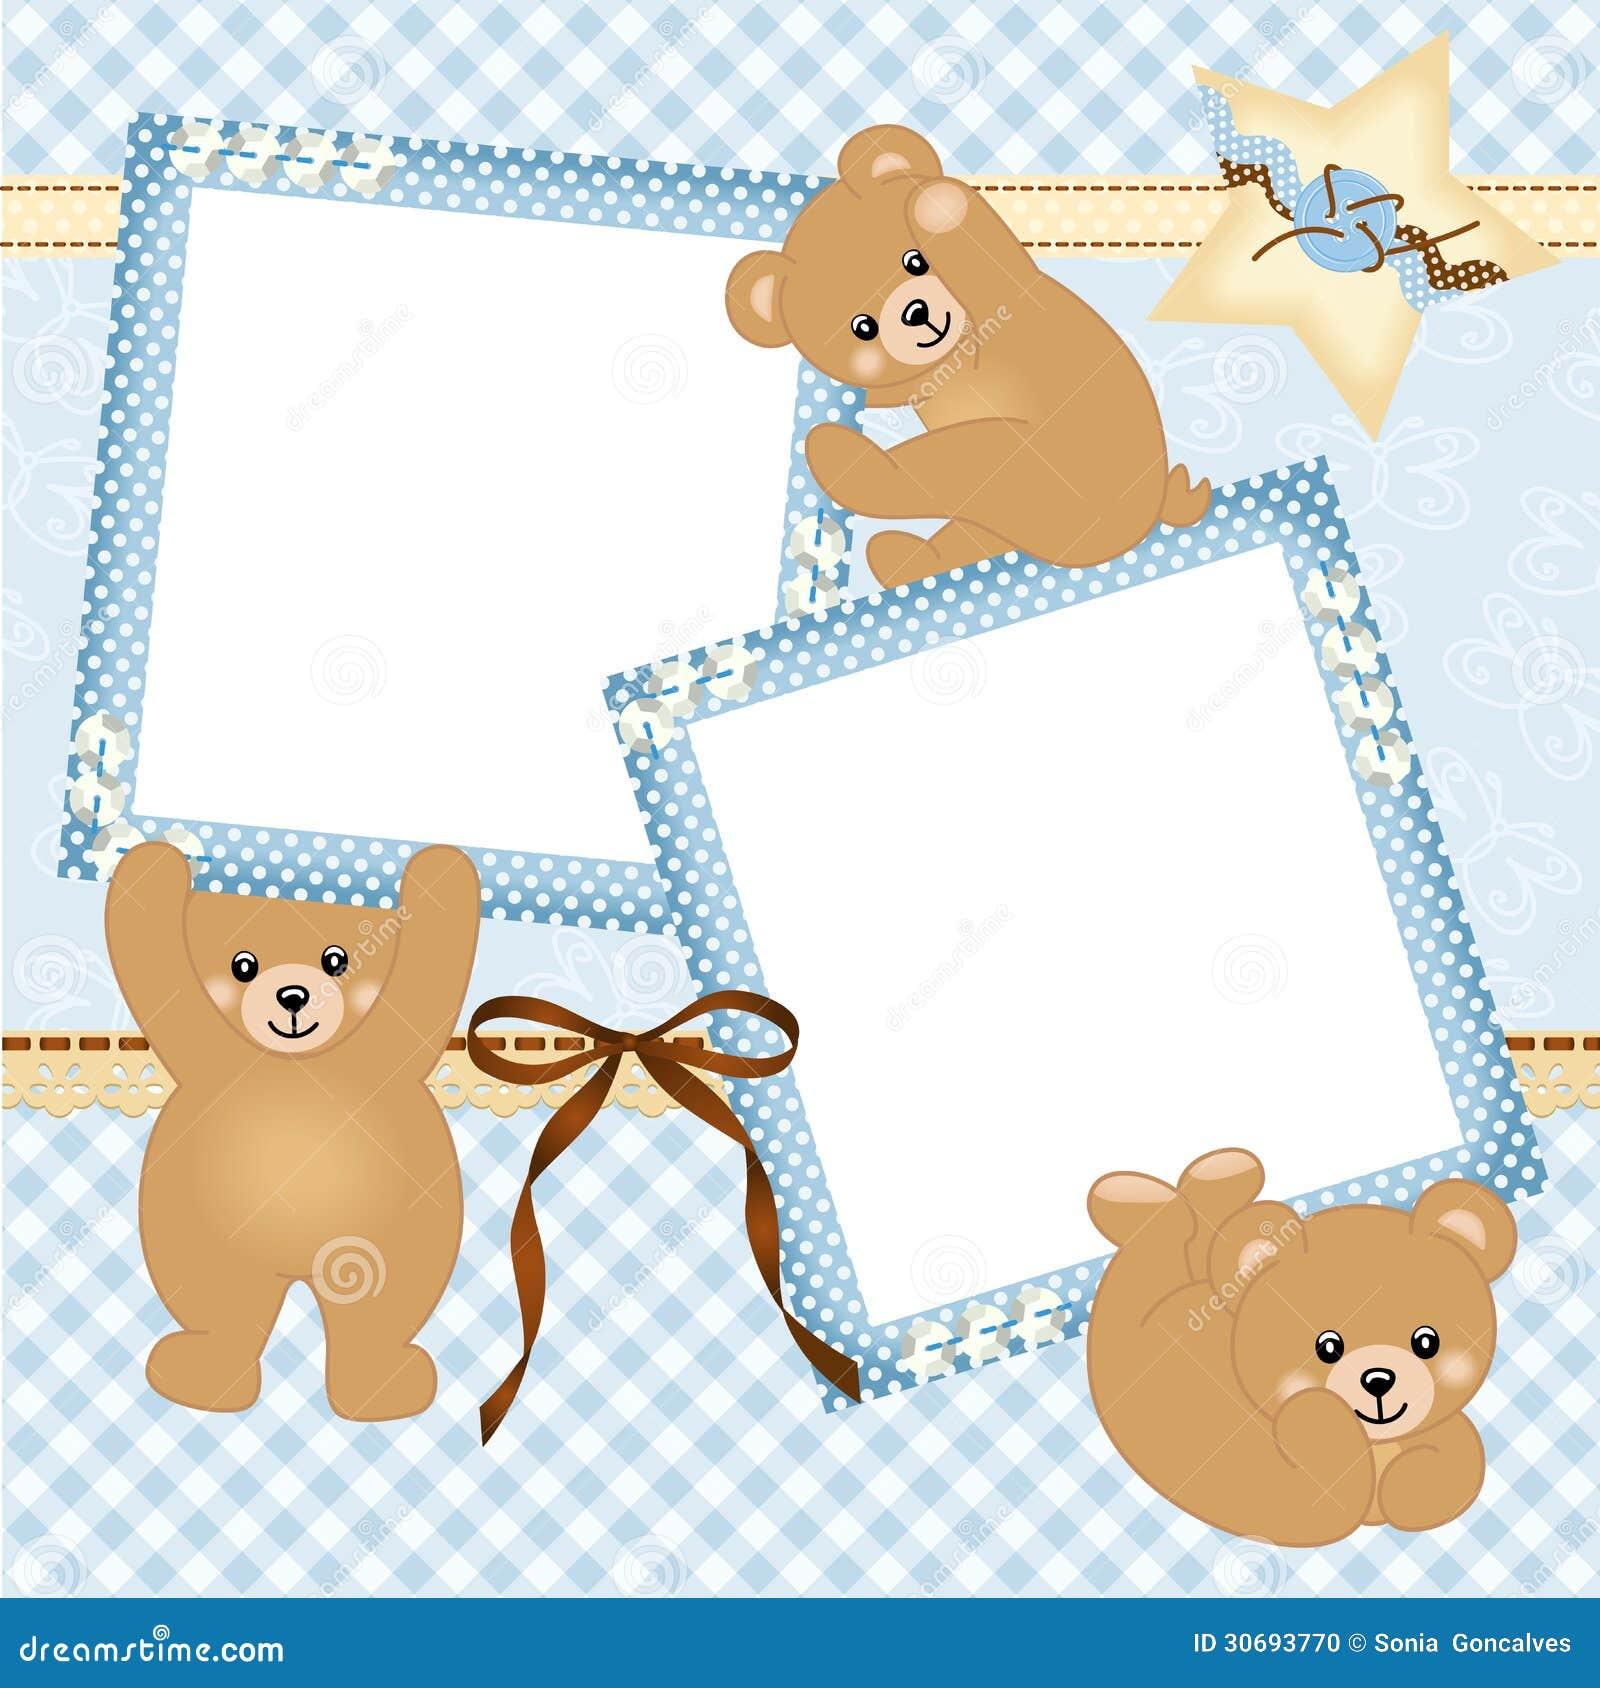 cadre de photo de b b gar on avec l 39 ours de nounours photo stock image 30693770. Black Bedroom Furniture Sets. Home Design Ideas